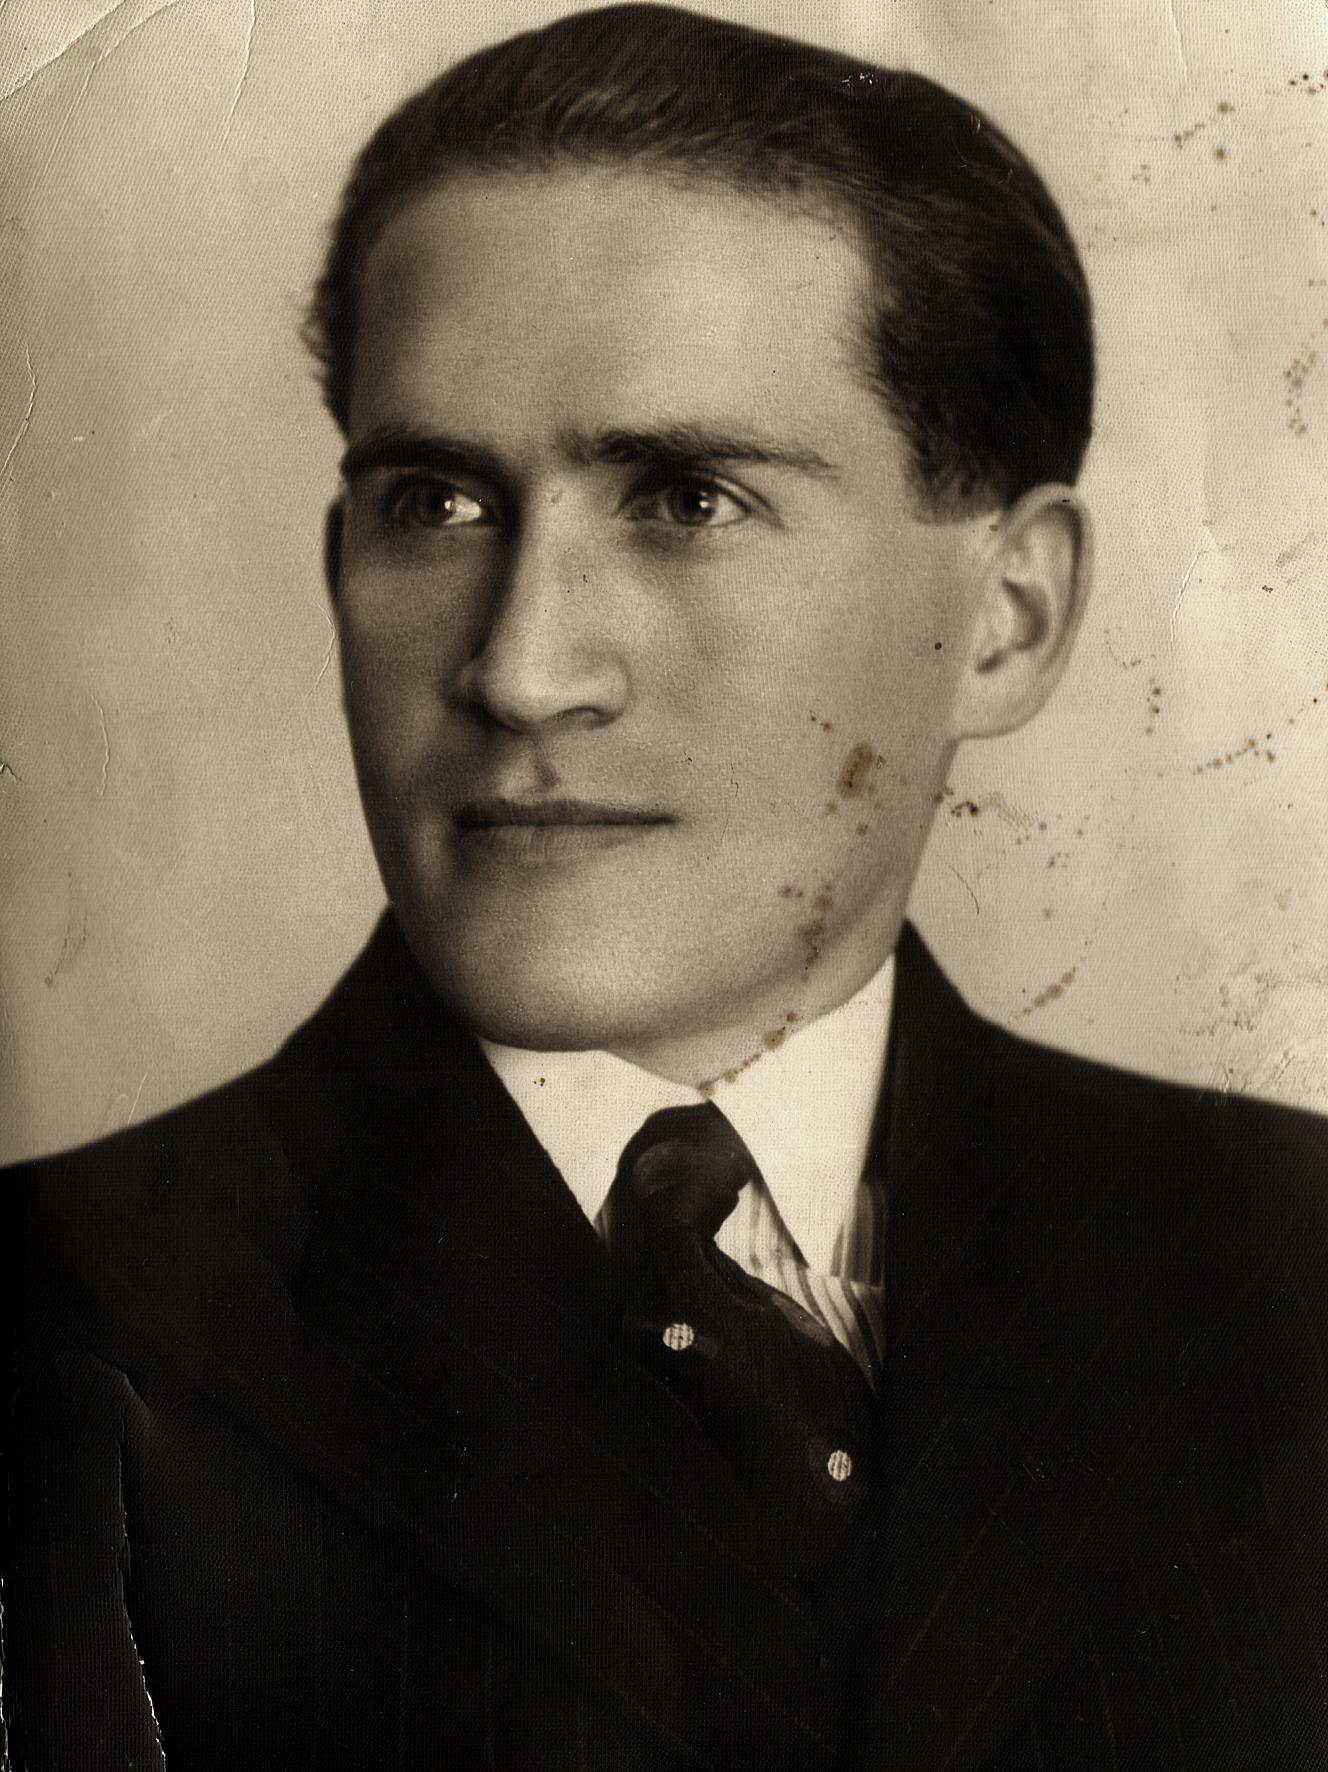 Laszlo Spiegler